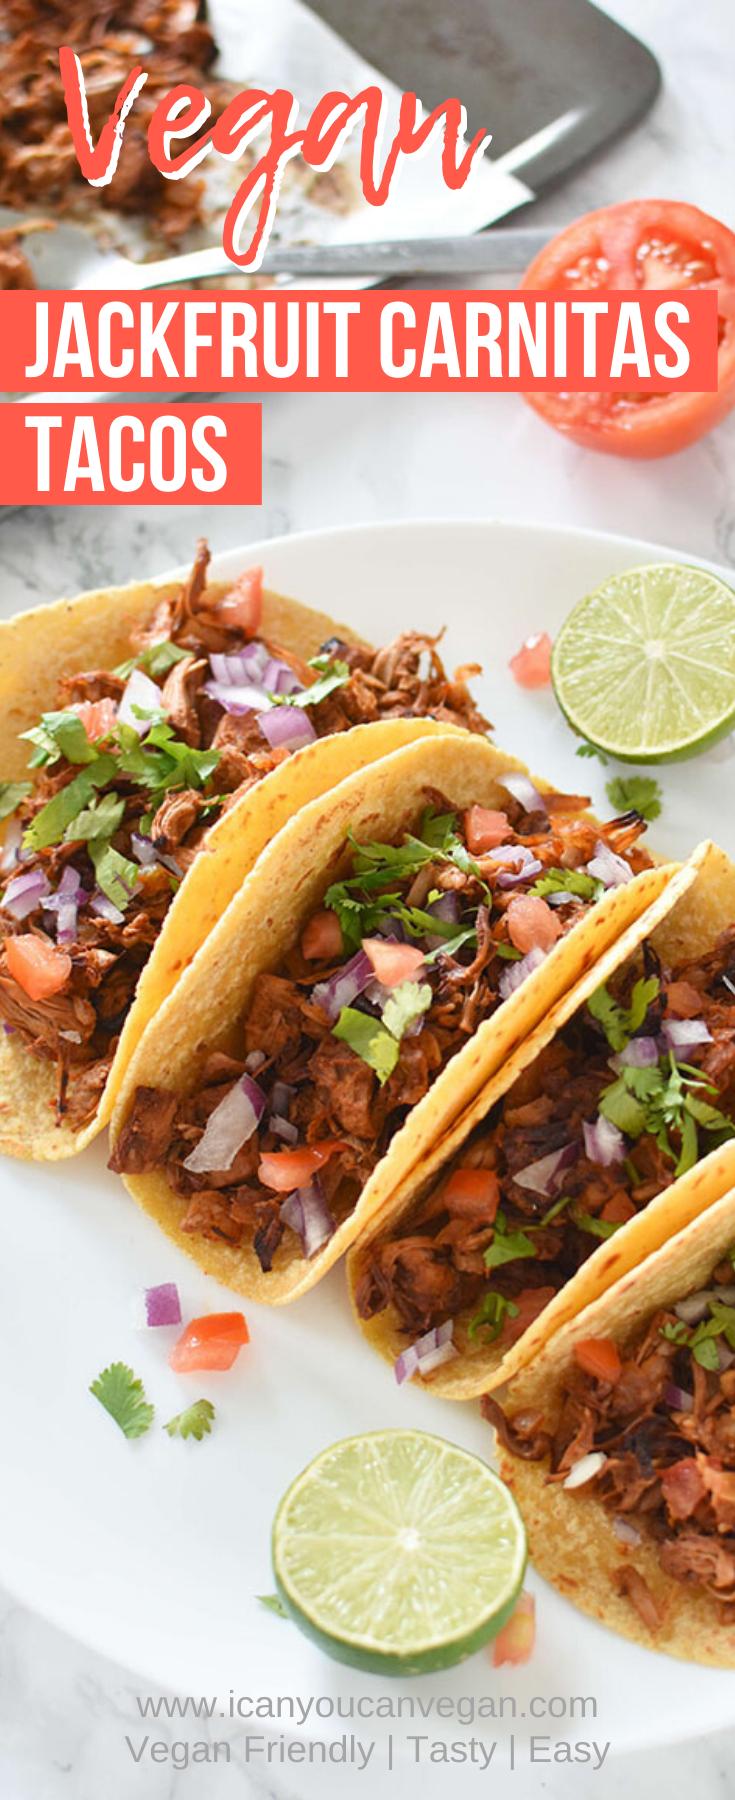 Jackfruit Carnitas Tacos Pinterest